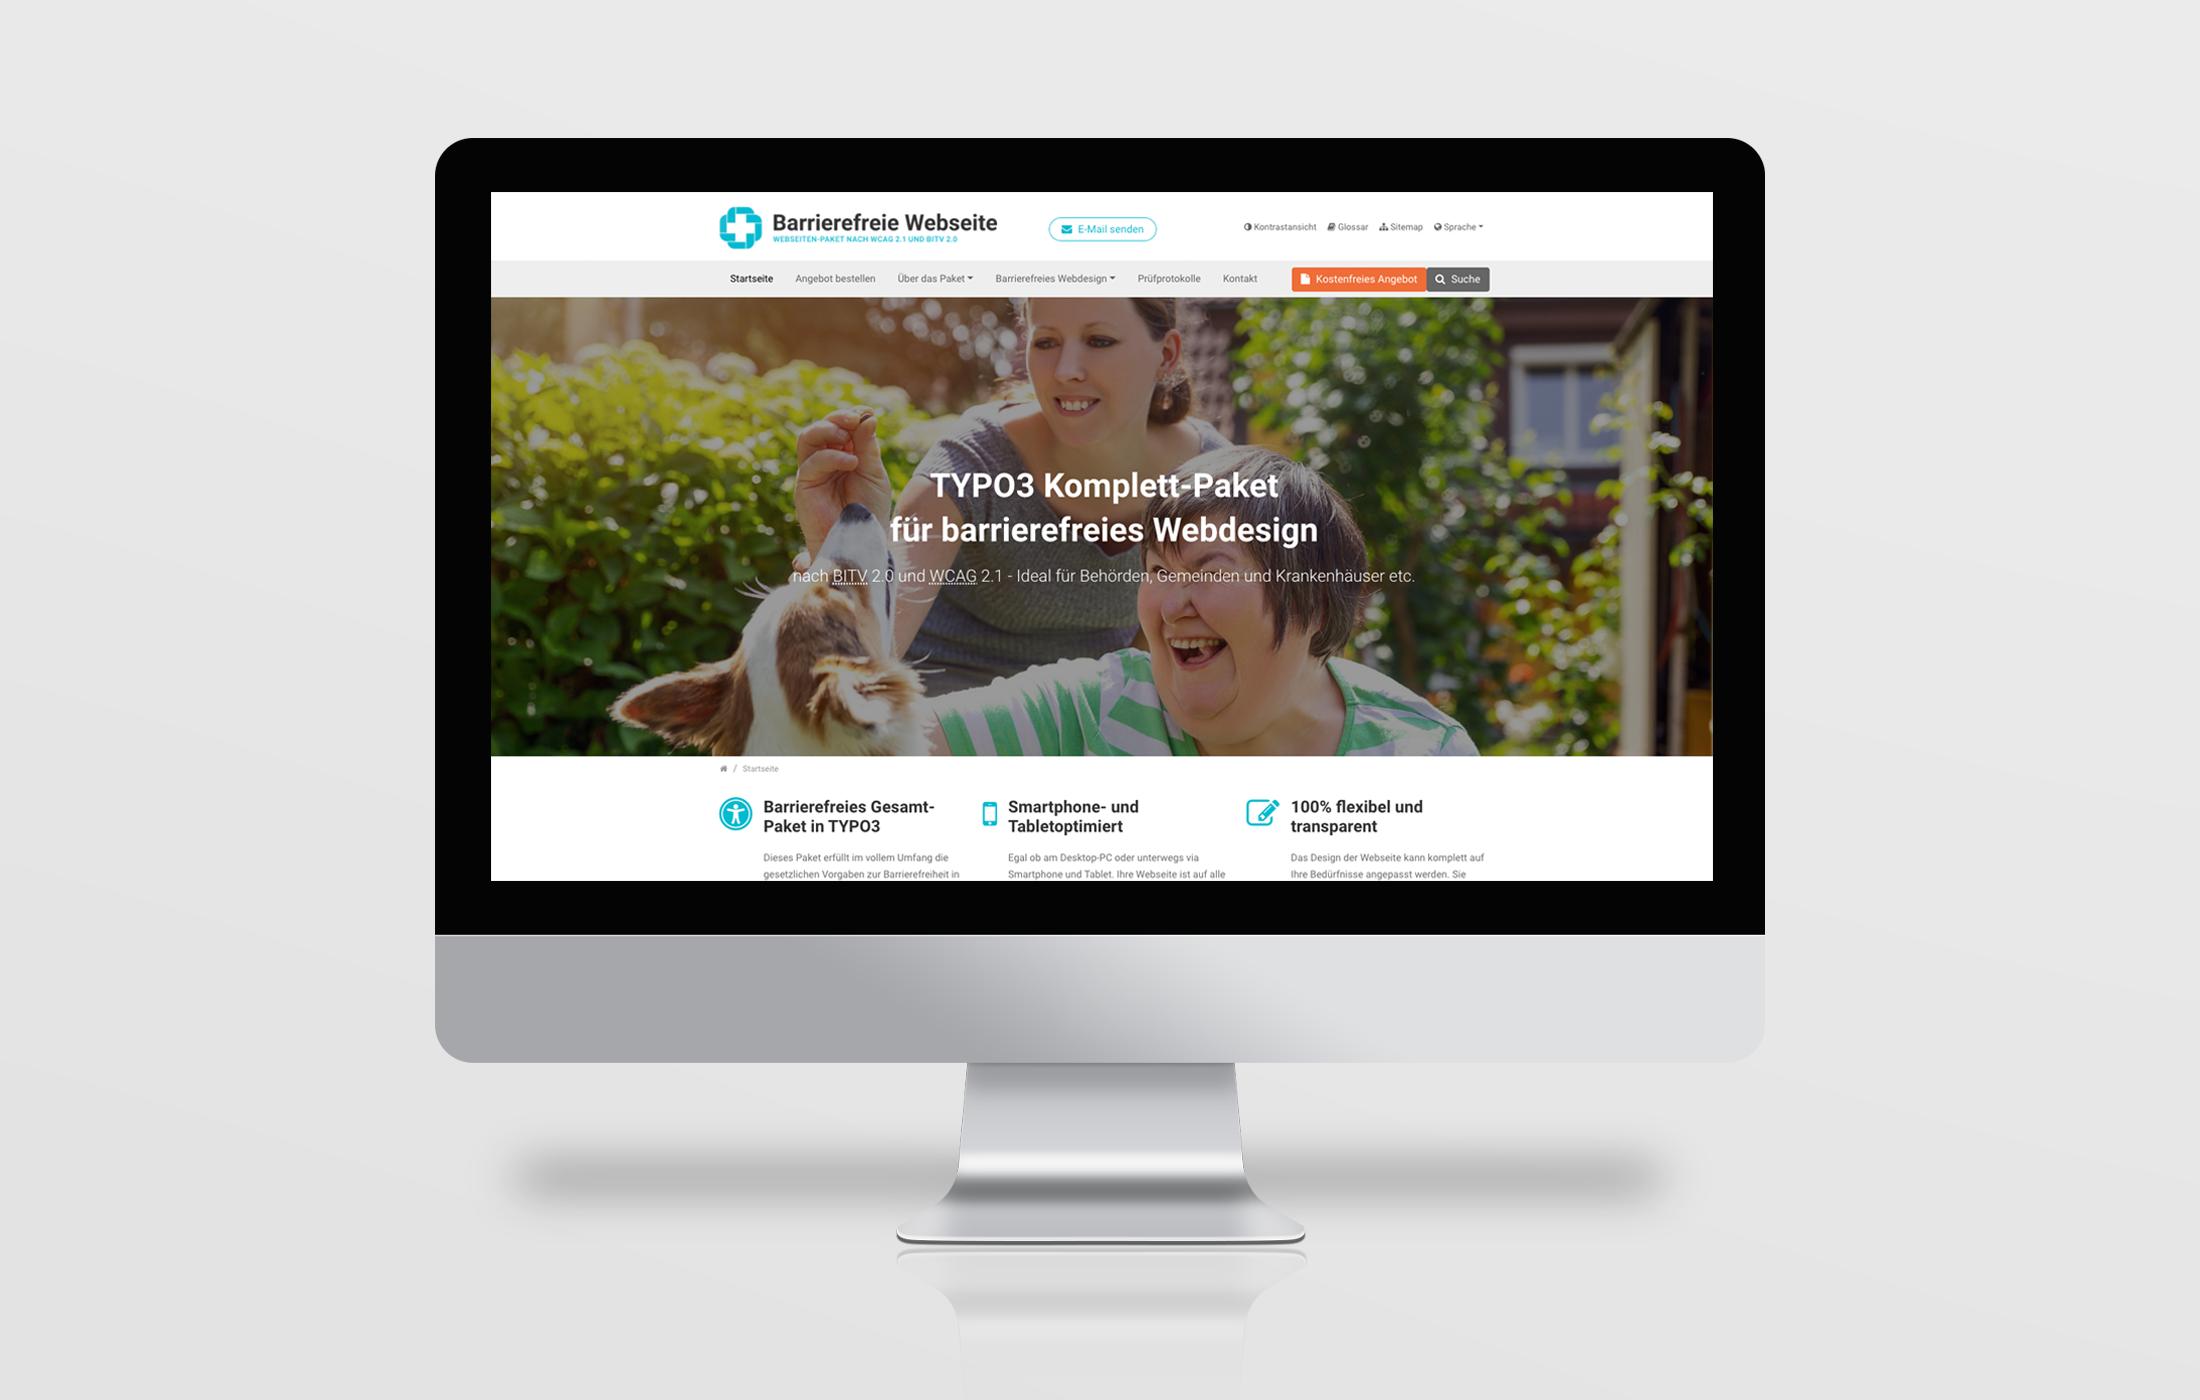 Barrierefreie Webseite - Design & Programmierung in TYPO3